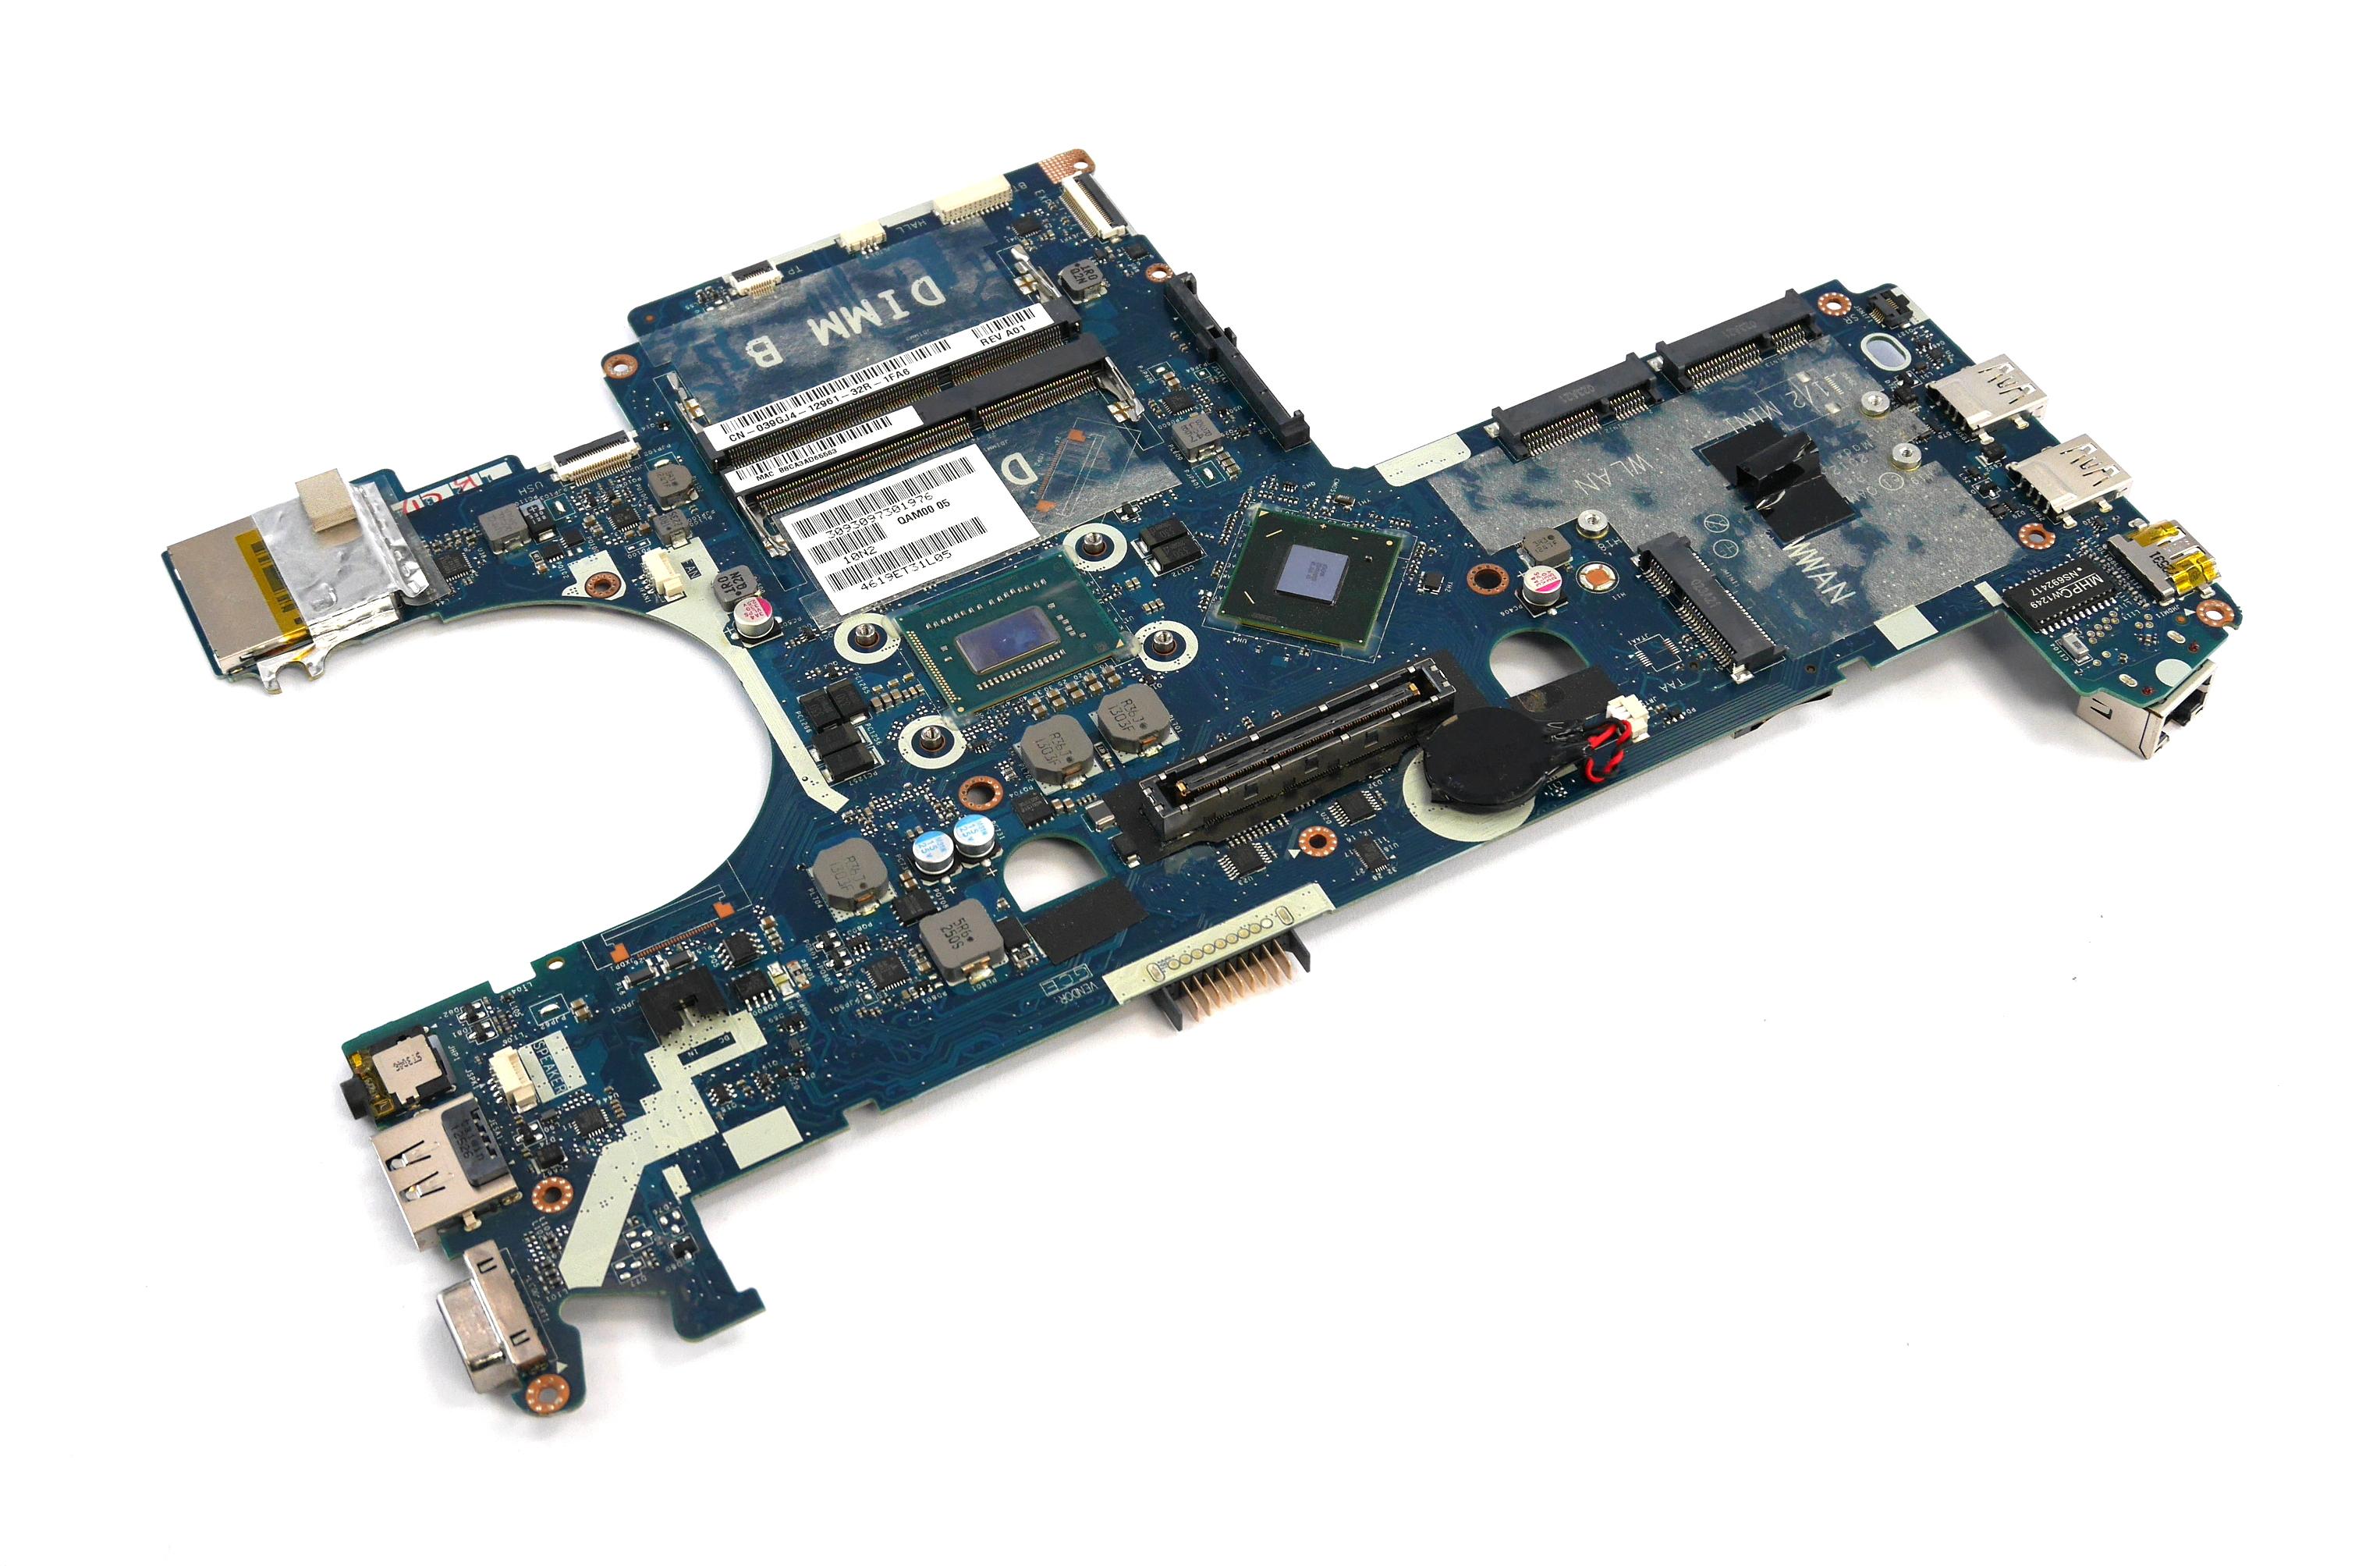 Dell 39GJ4 Latitude E6230 Motherboard with BGA Intel Core i5-3320M Processor